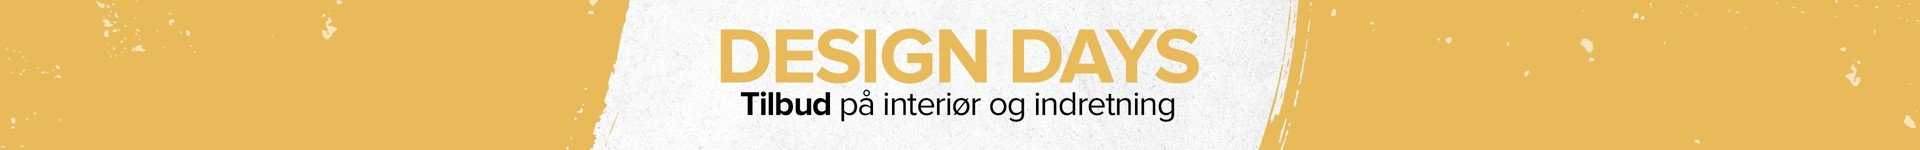 Design Days - Slutter i aften kl. 23.59